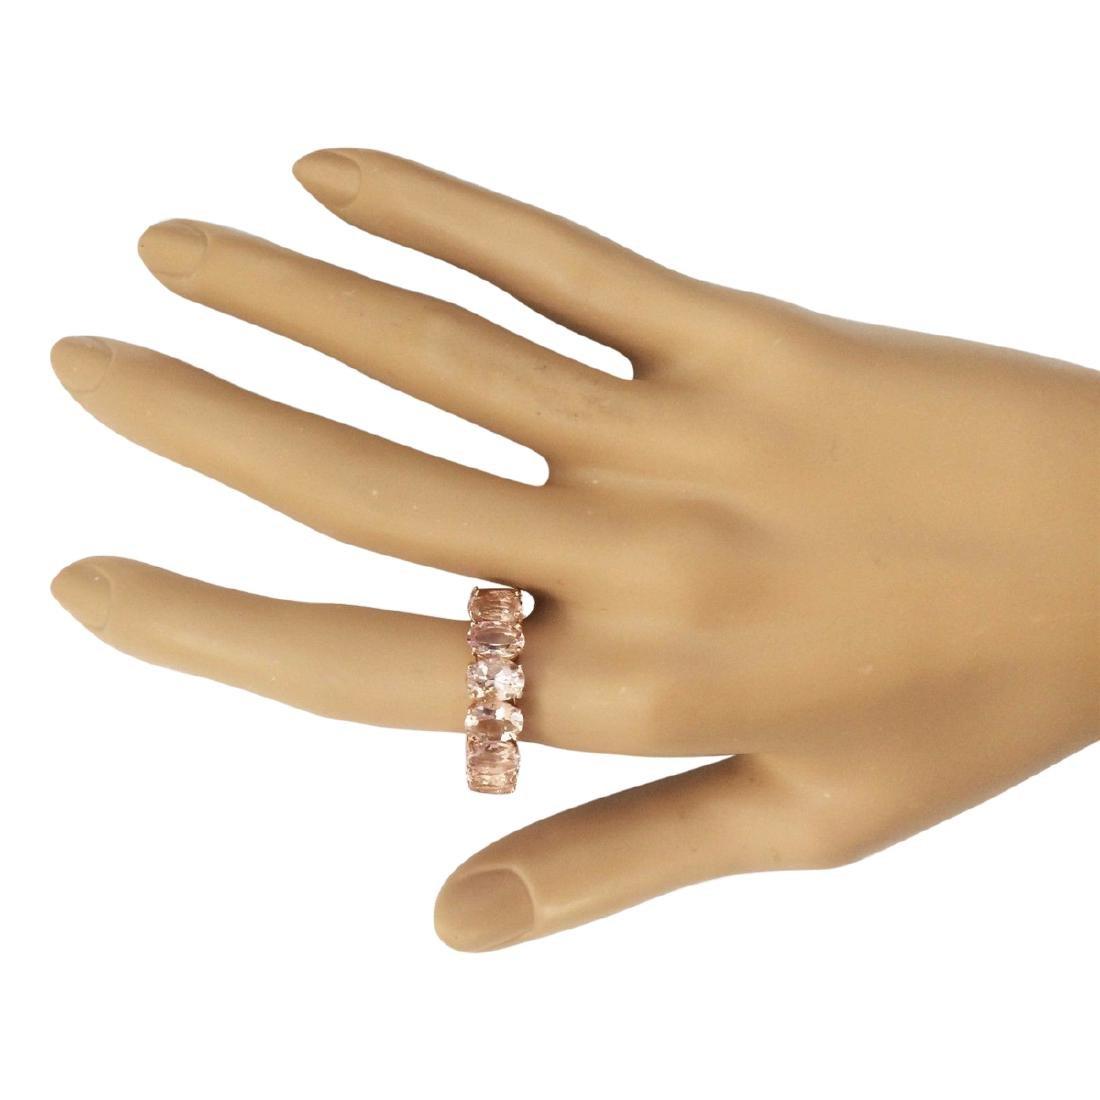 11.10 CTW Natural Morganite Ring In 18K Rose Gold - 4